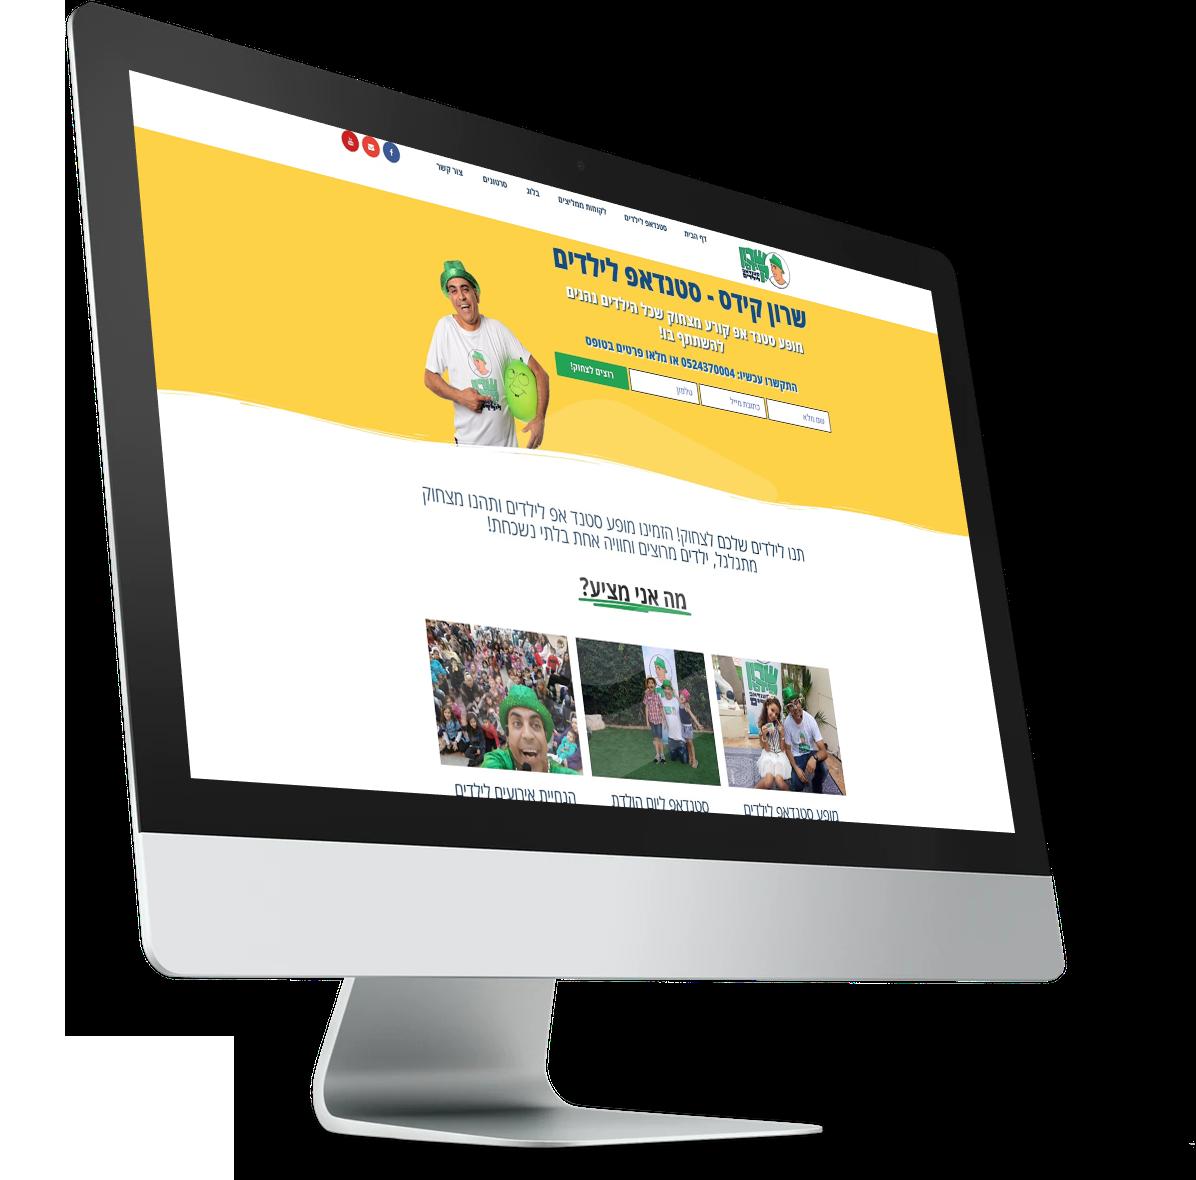 עיצוב ובניית אתר תדמית עבור שרון קידס - סטנדאפ לילדים